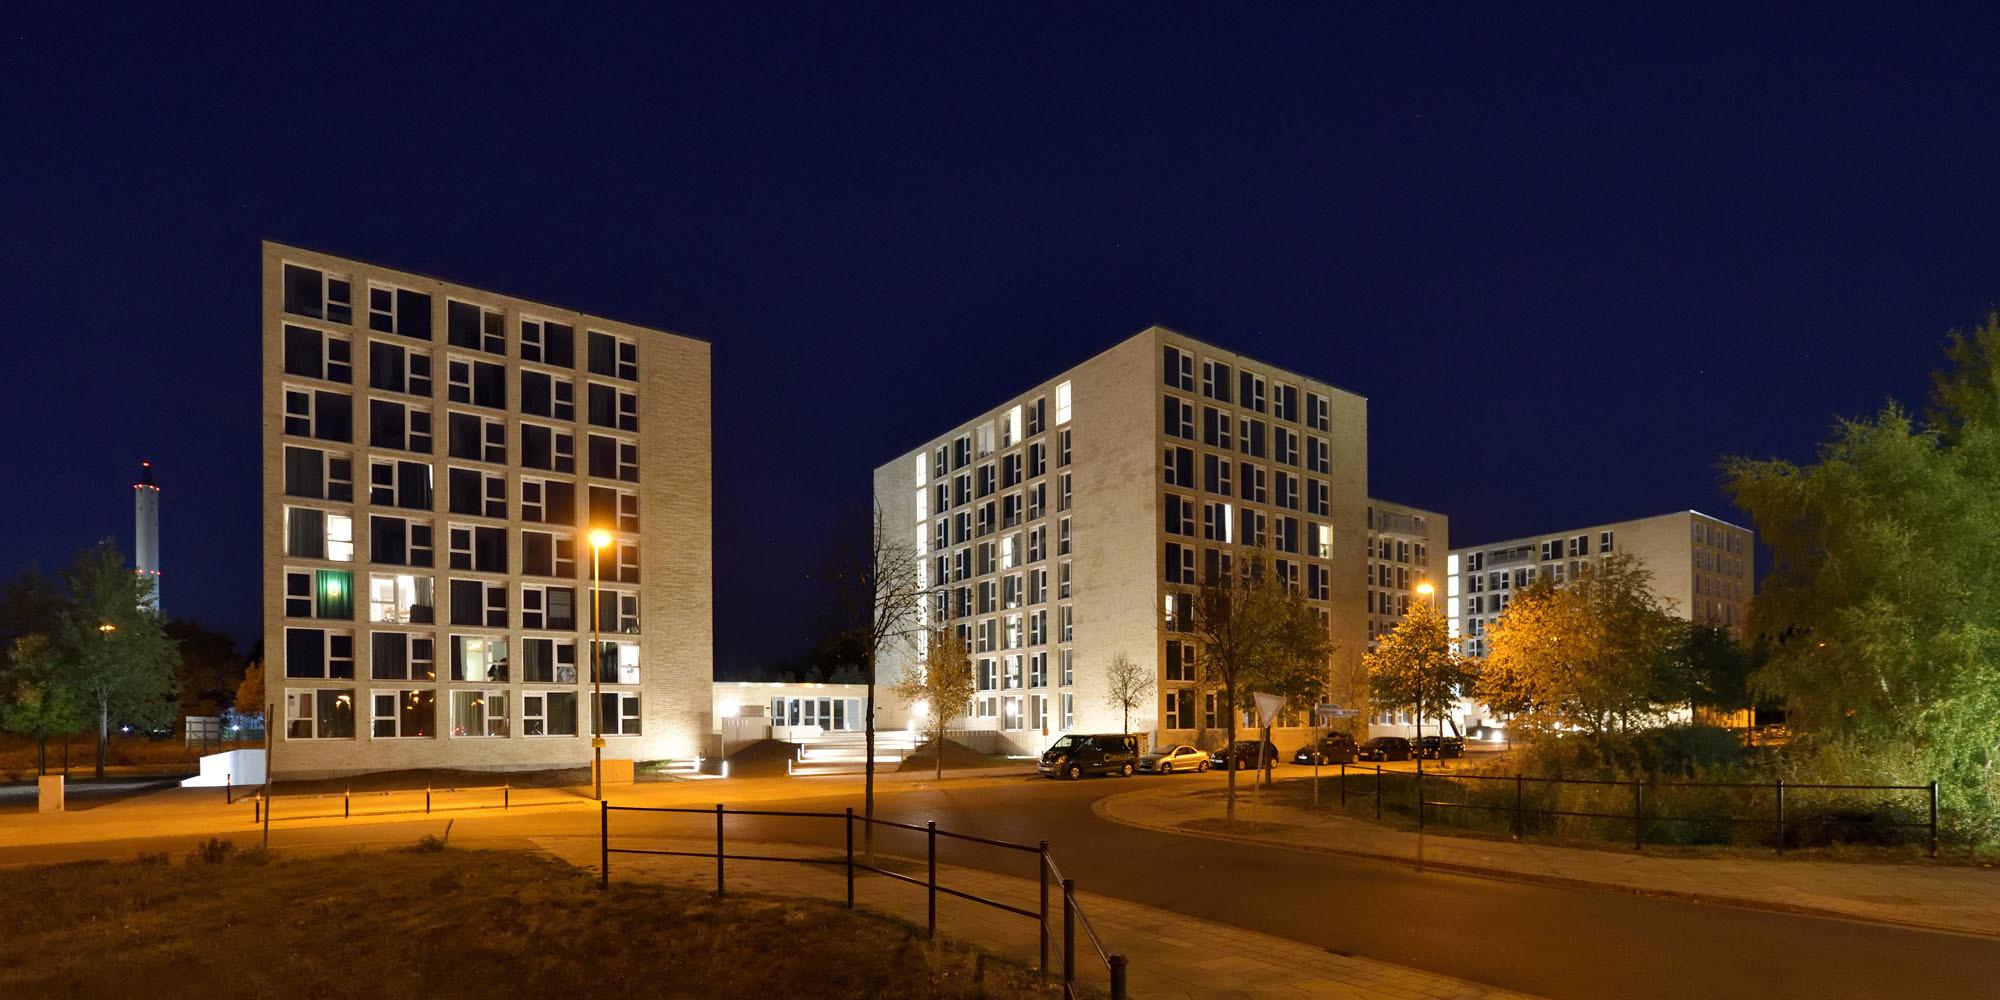 Wohnheimkomplex für Studierende und Flüchtlinge